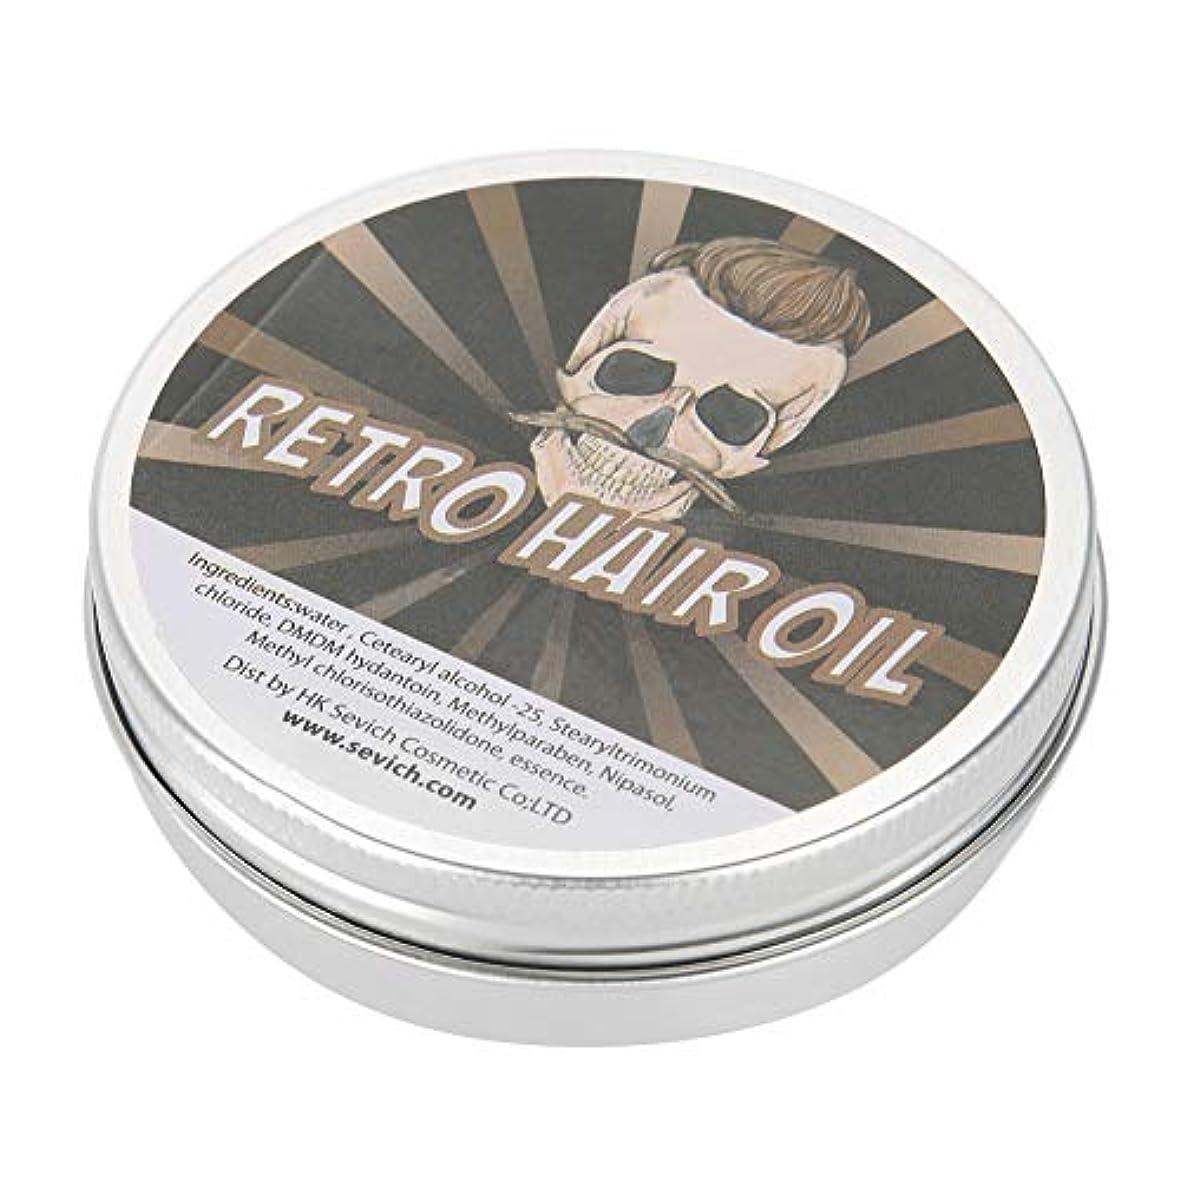 リーズ摂氏発明するヘアワックス パーフェクトロング 永続的なヘアワックス 水ベースのヘアスタイリング ポマードヘアモデリングワックス